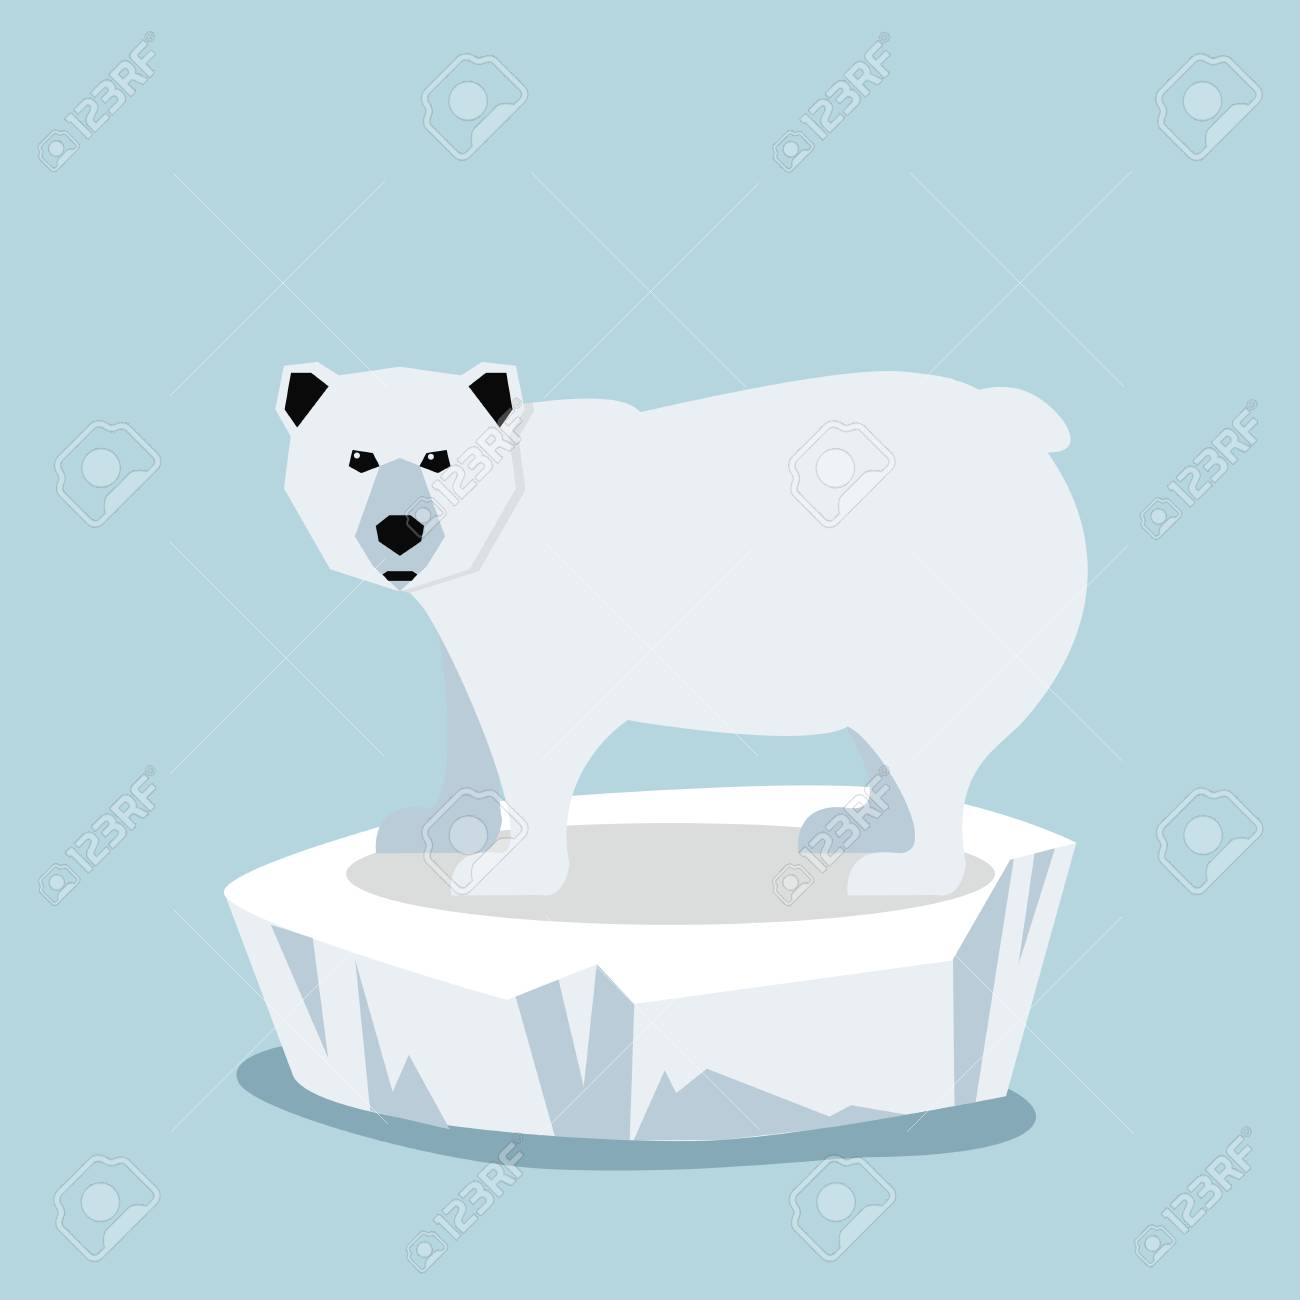 Cute Polar bear on ice floe Vector illustration. - 84517716